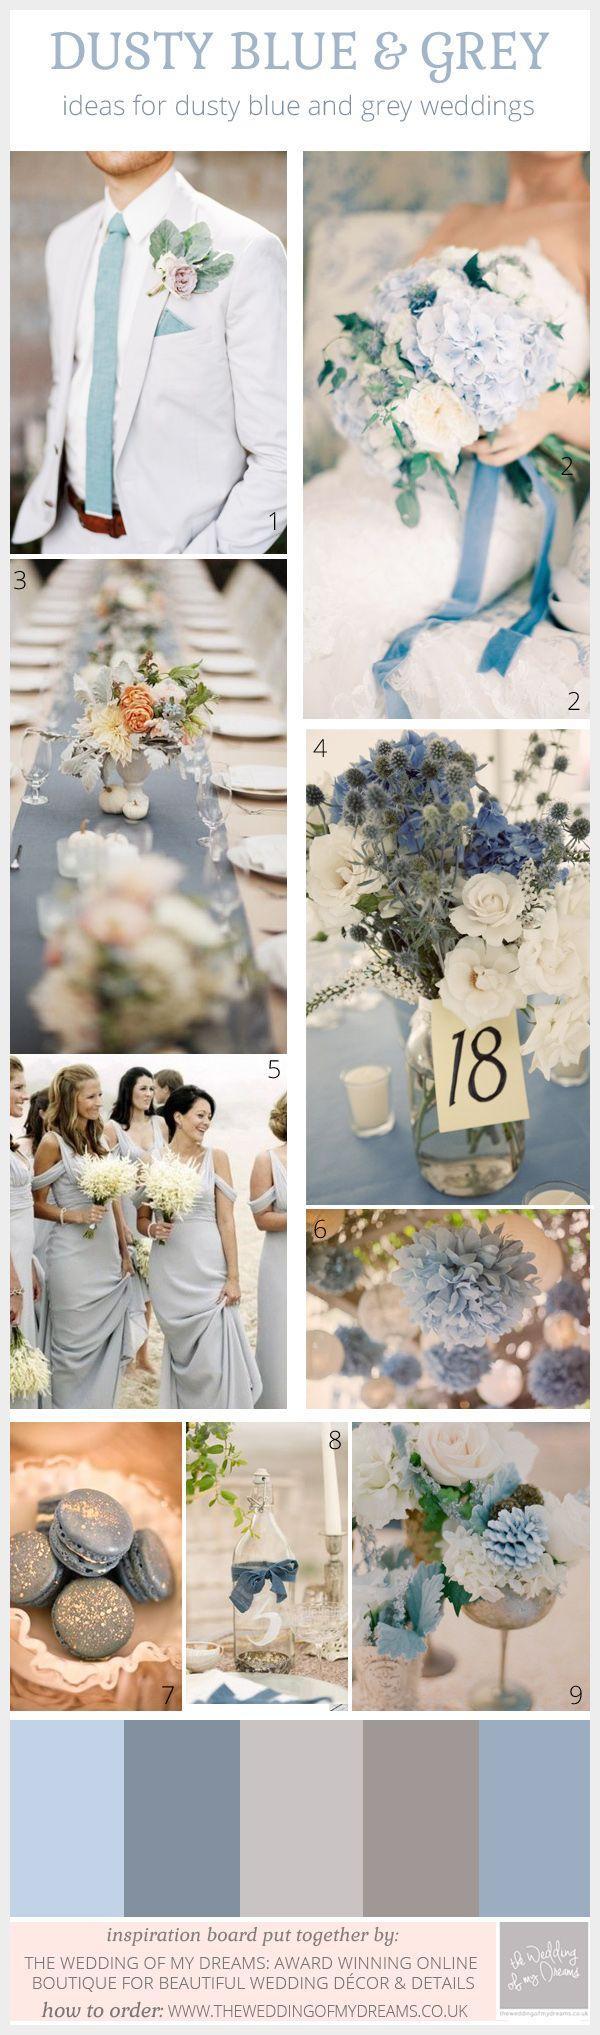 Dusty Blue And Grey Wedding Ideas Inspiration 2473406 Weddbook